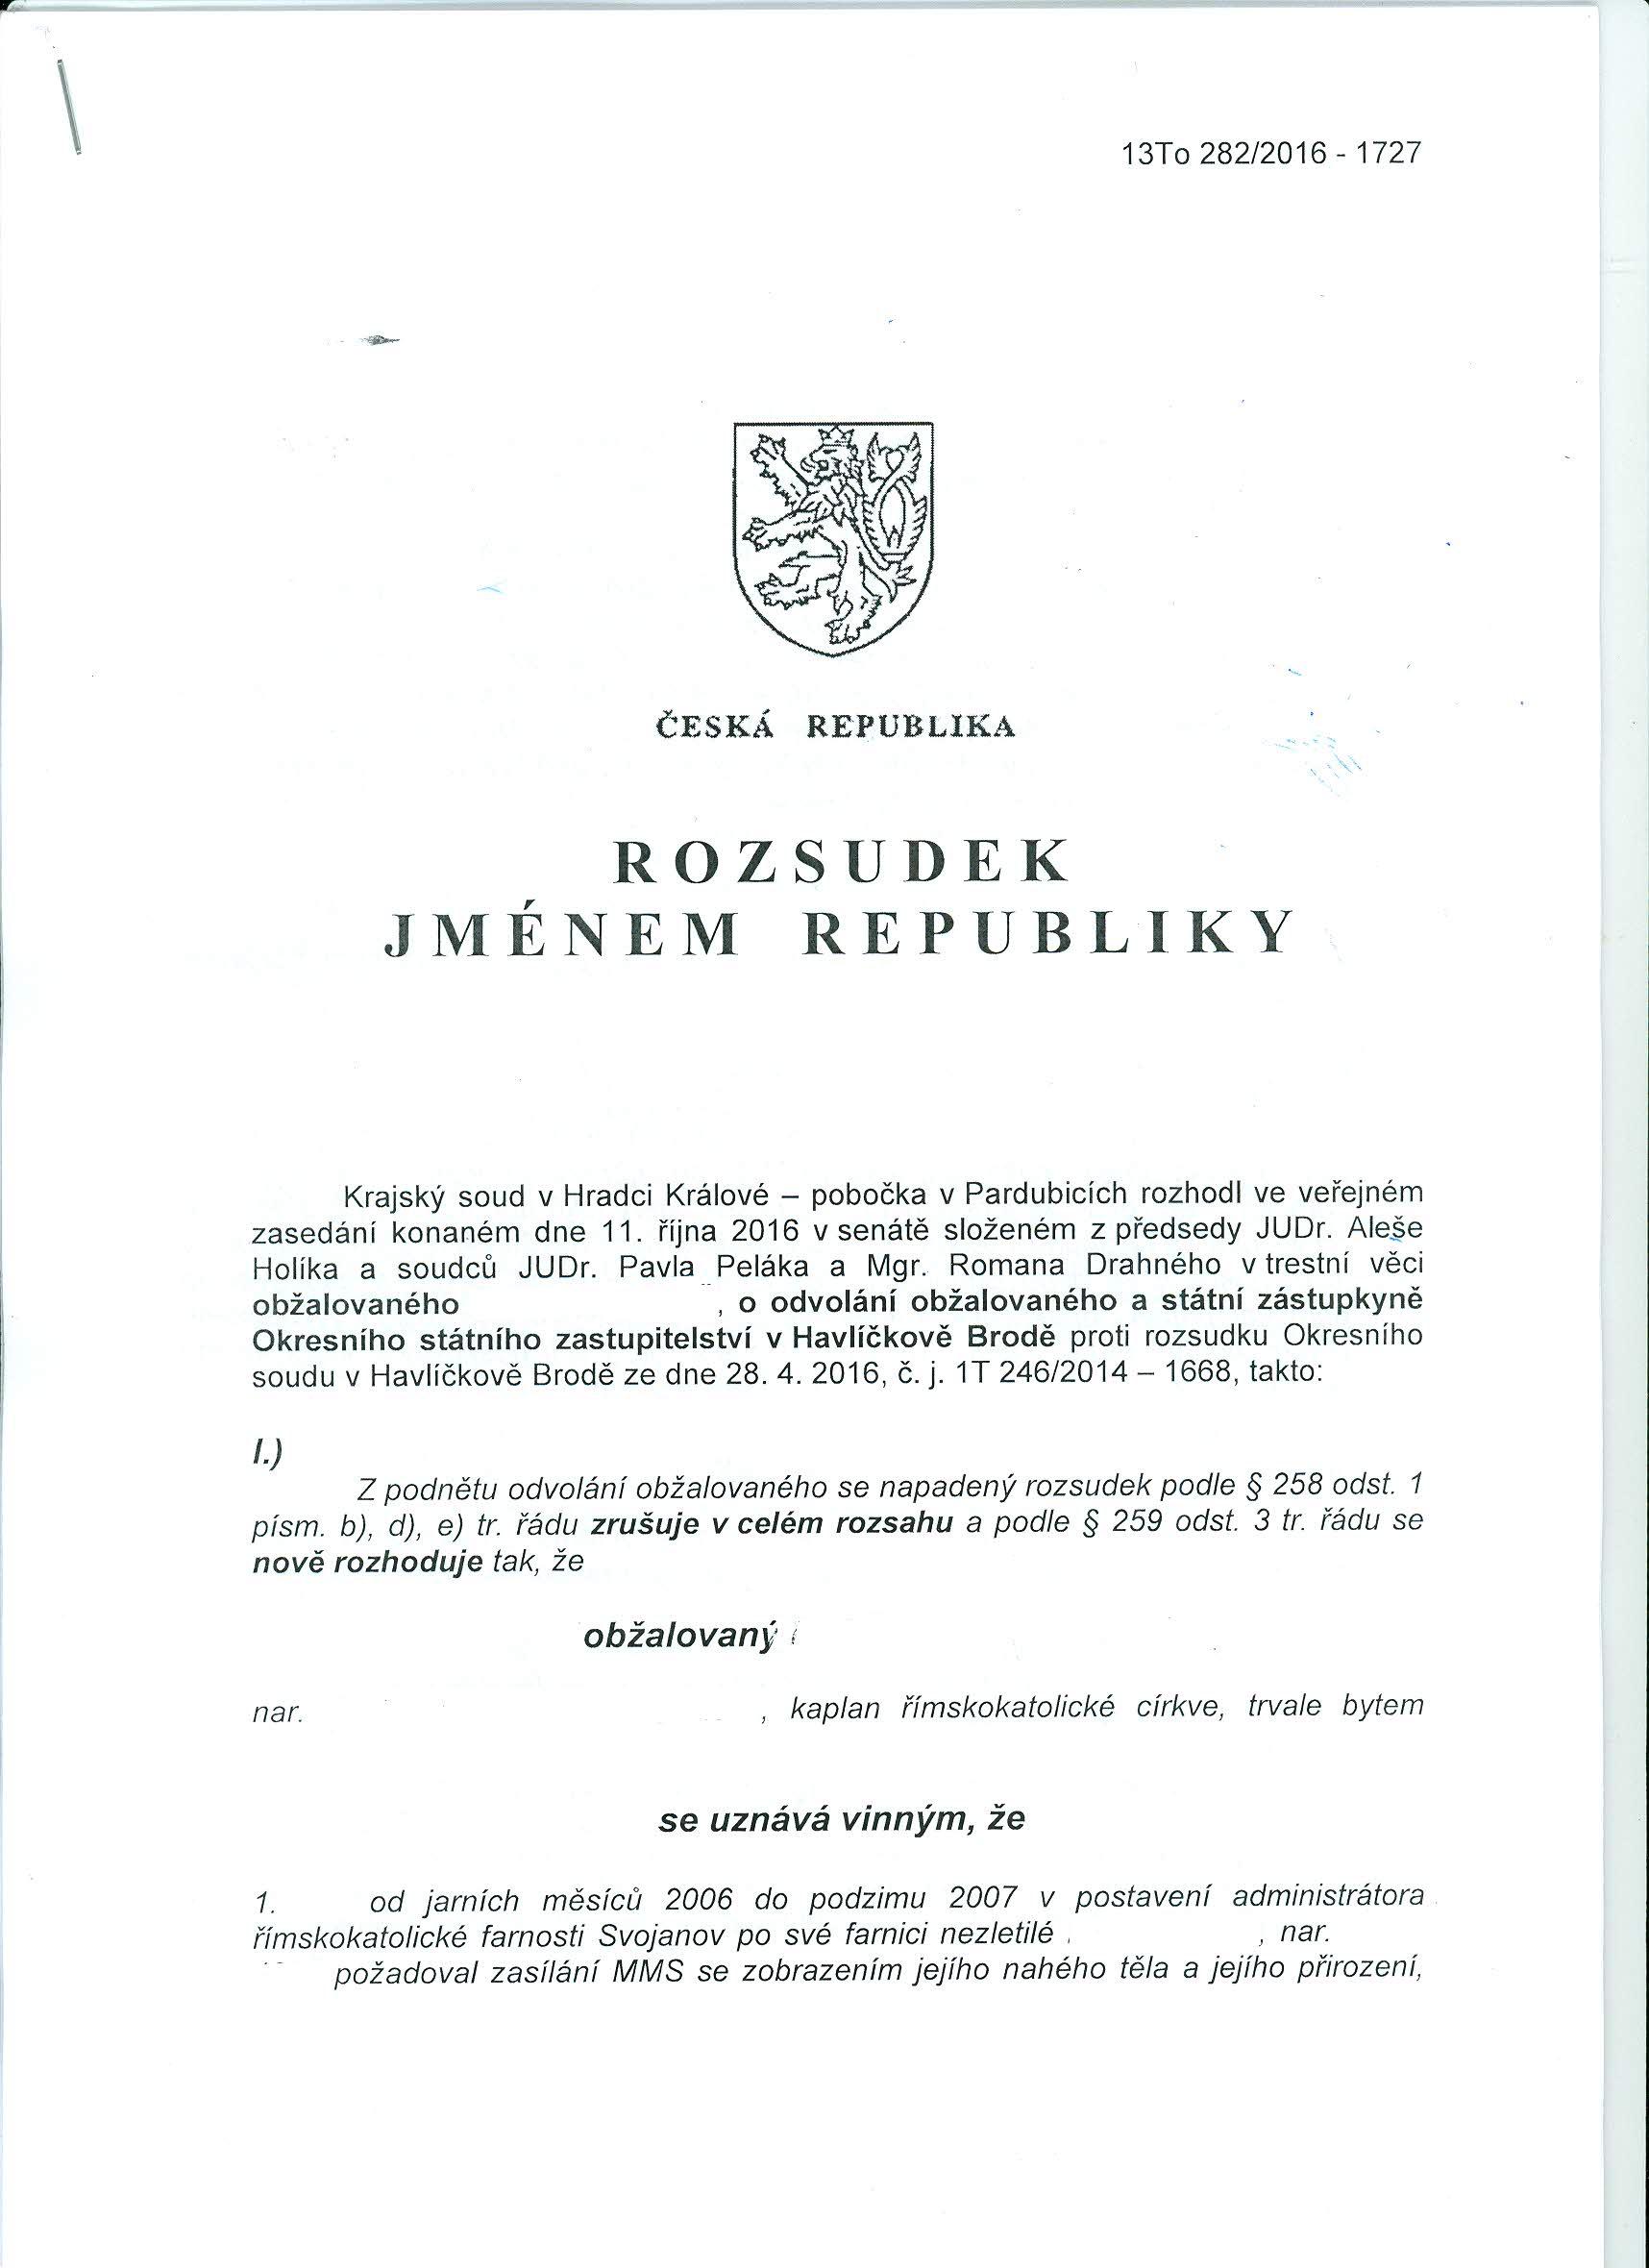 traductor jurado de checo - traducciones en checo - traducciones juradas de checo - agencia de traducciones de checo - oficina de traducciones de checo